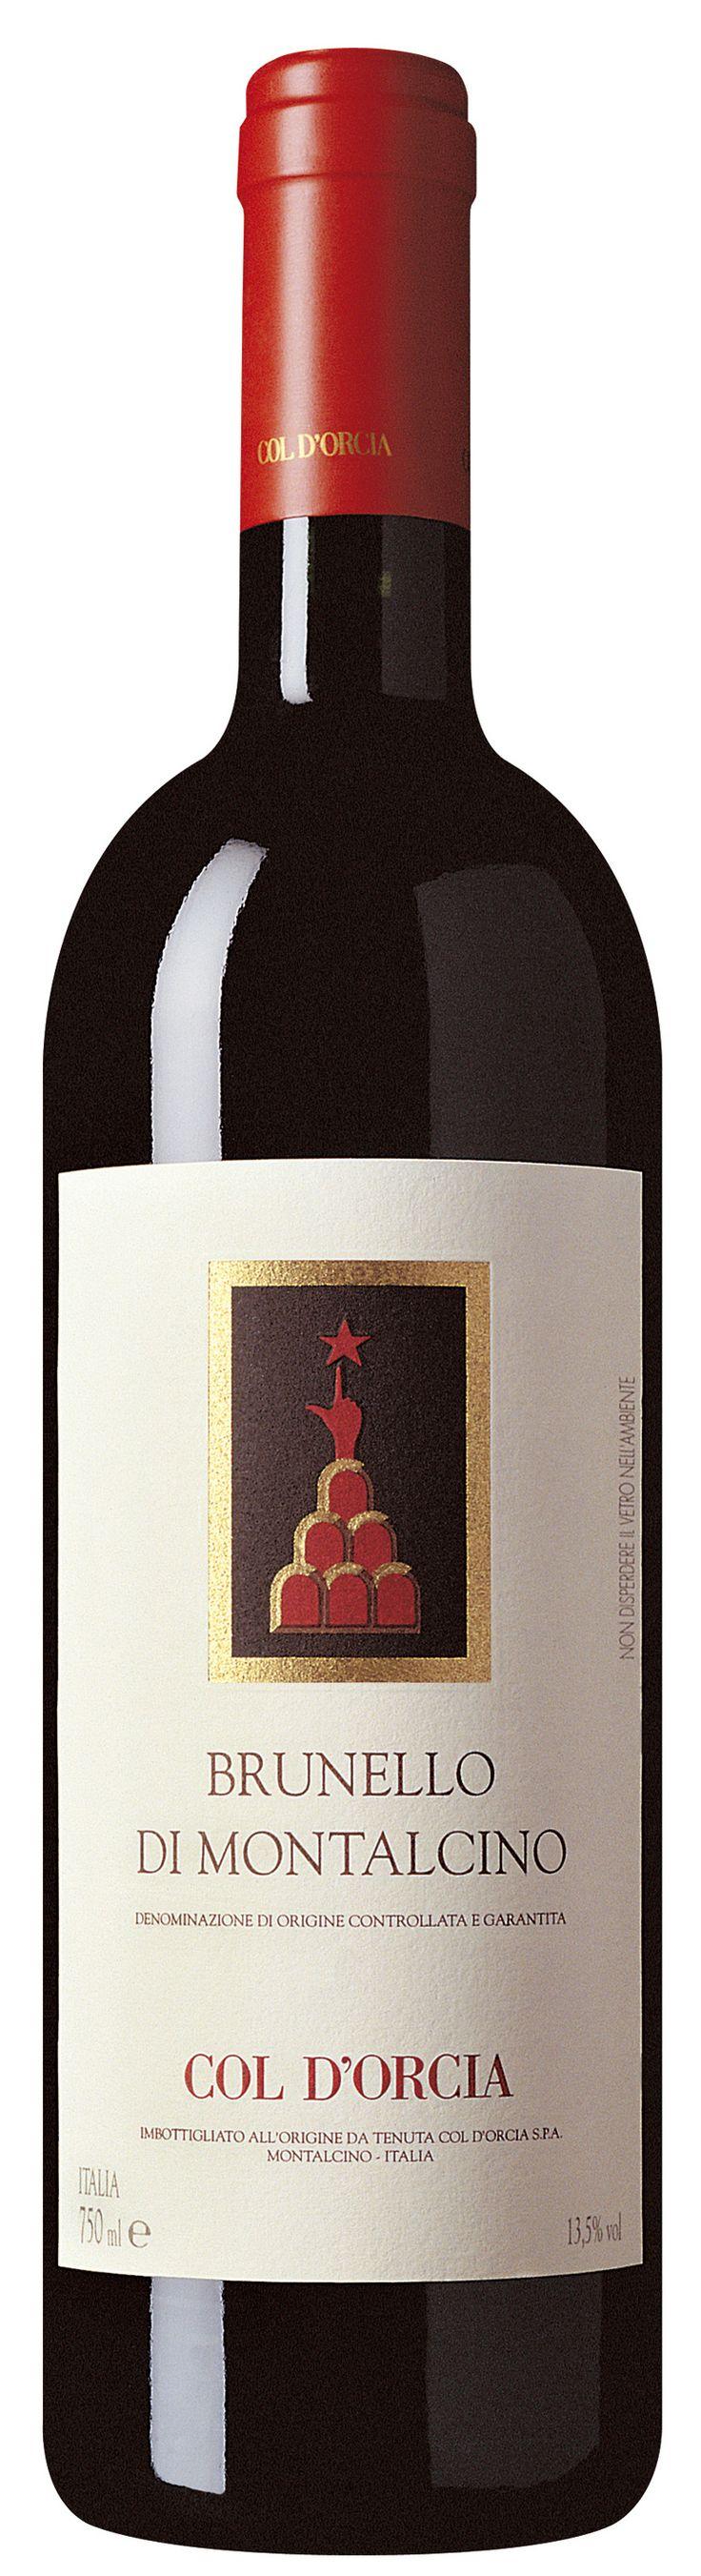 Un #vino tradizionale che rispetta l'essenza del Sangiovese di Montalcino che…